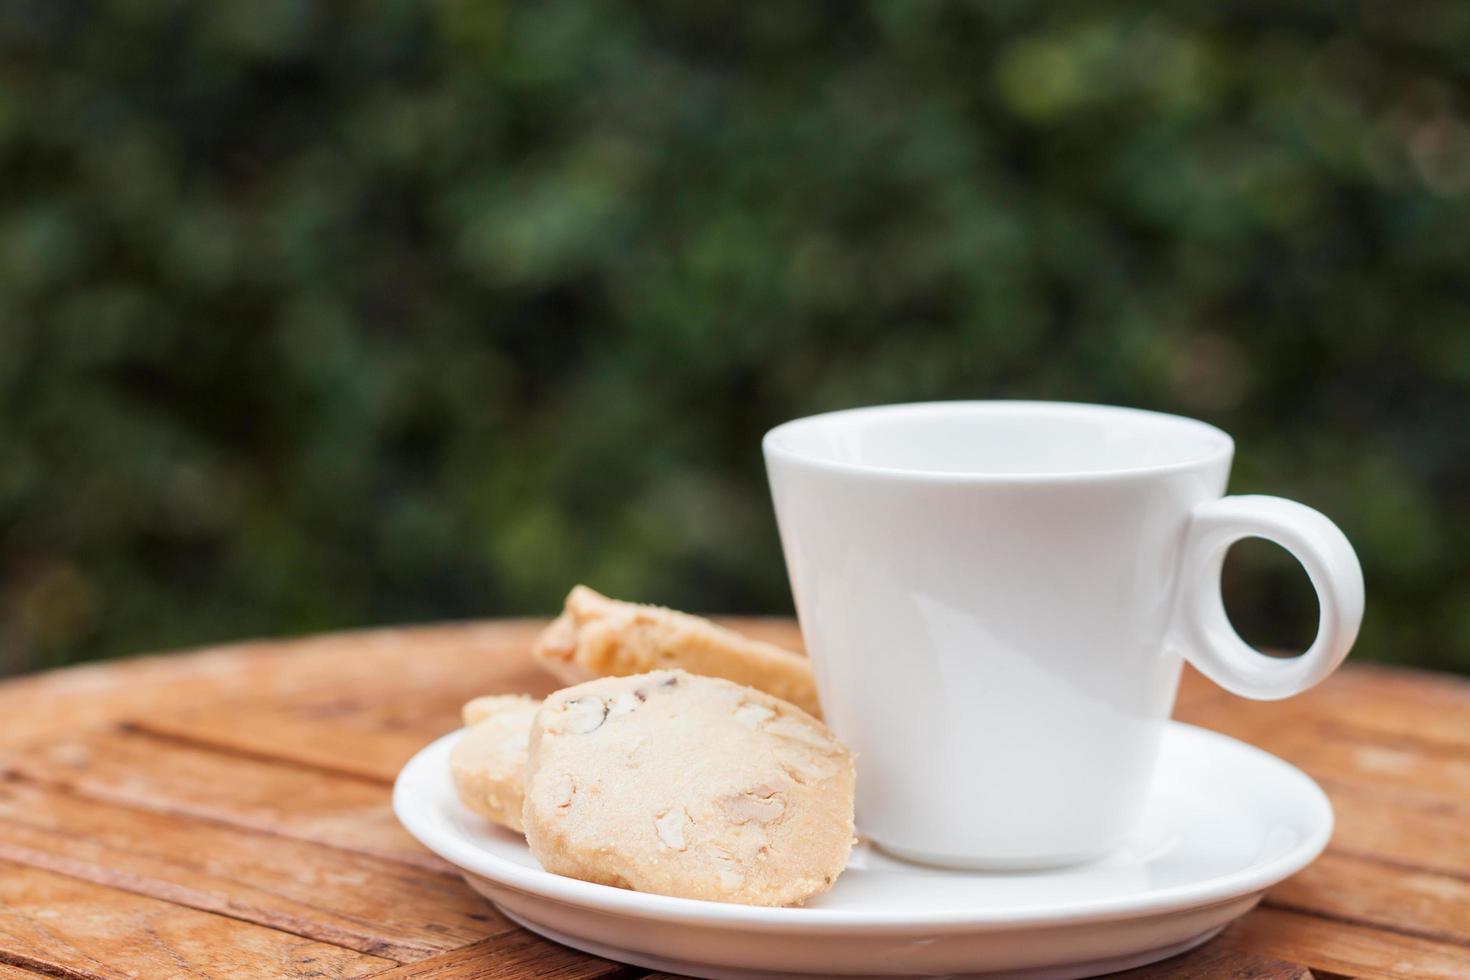 Biscuits aux noix de cajou avec une tasse de café blanche sur une table à l'extérieur photo